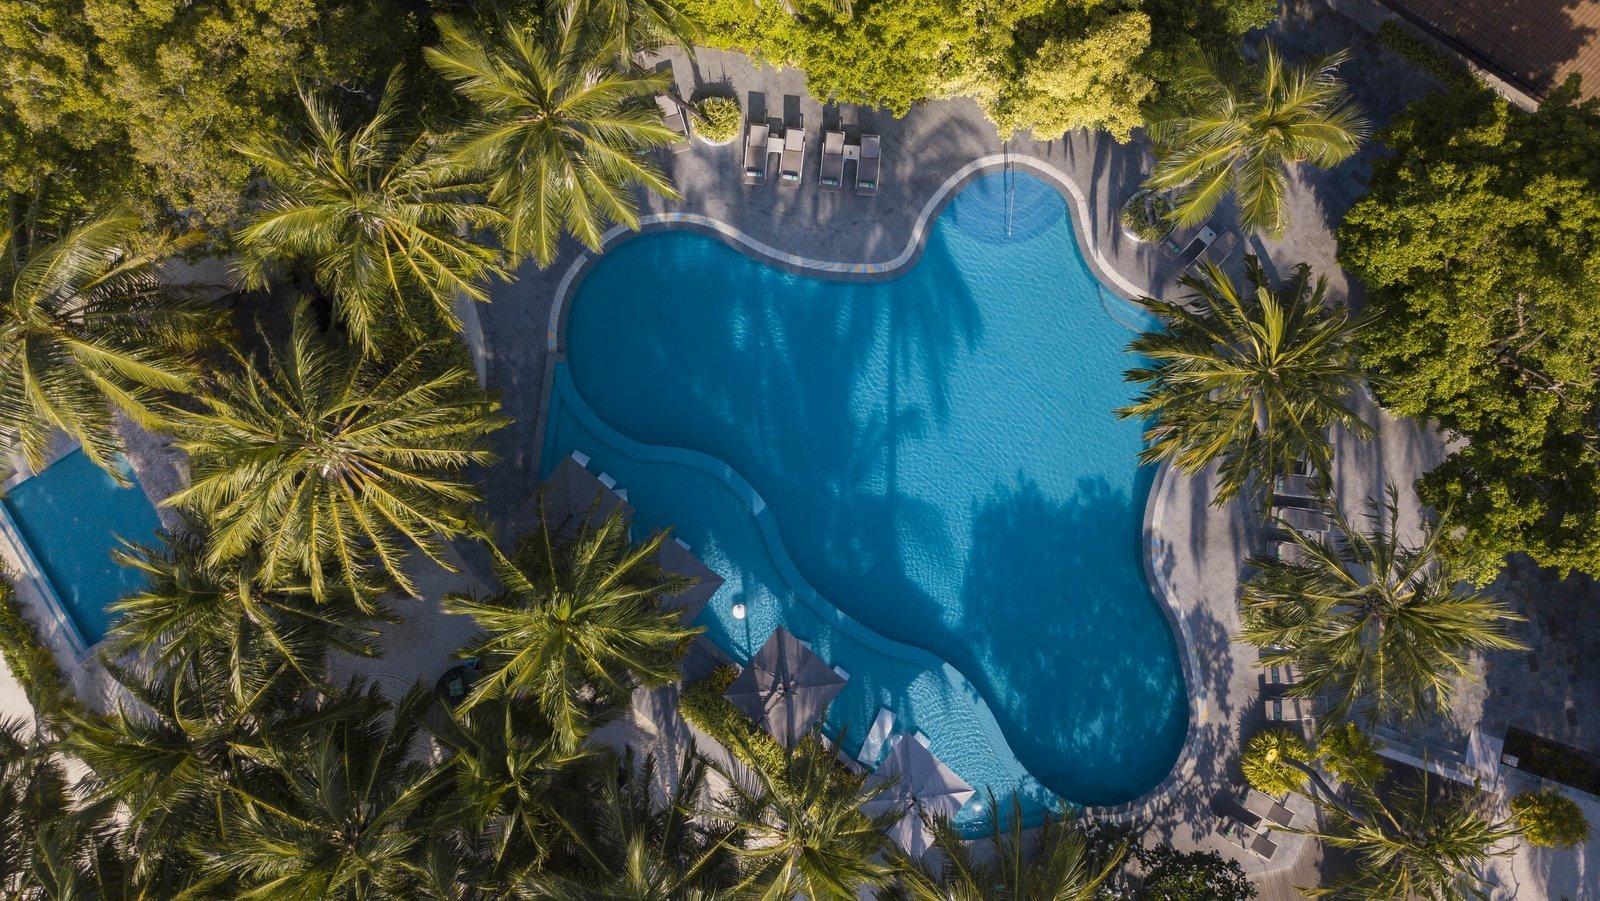 Мальдивы, отель Kurumba Maldives, бассейн